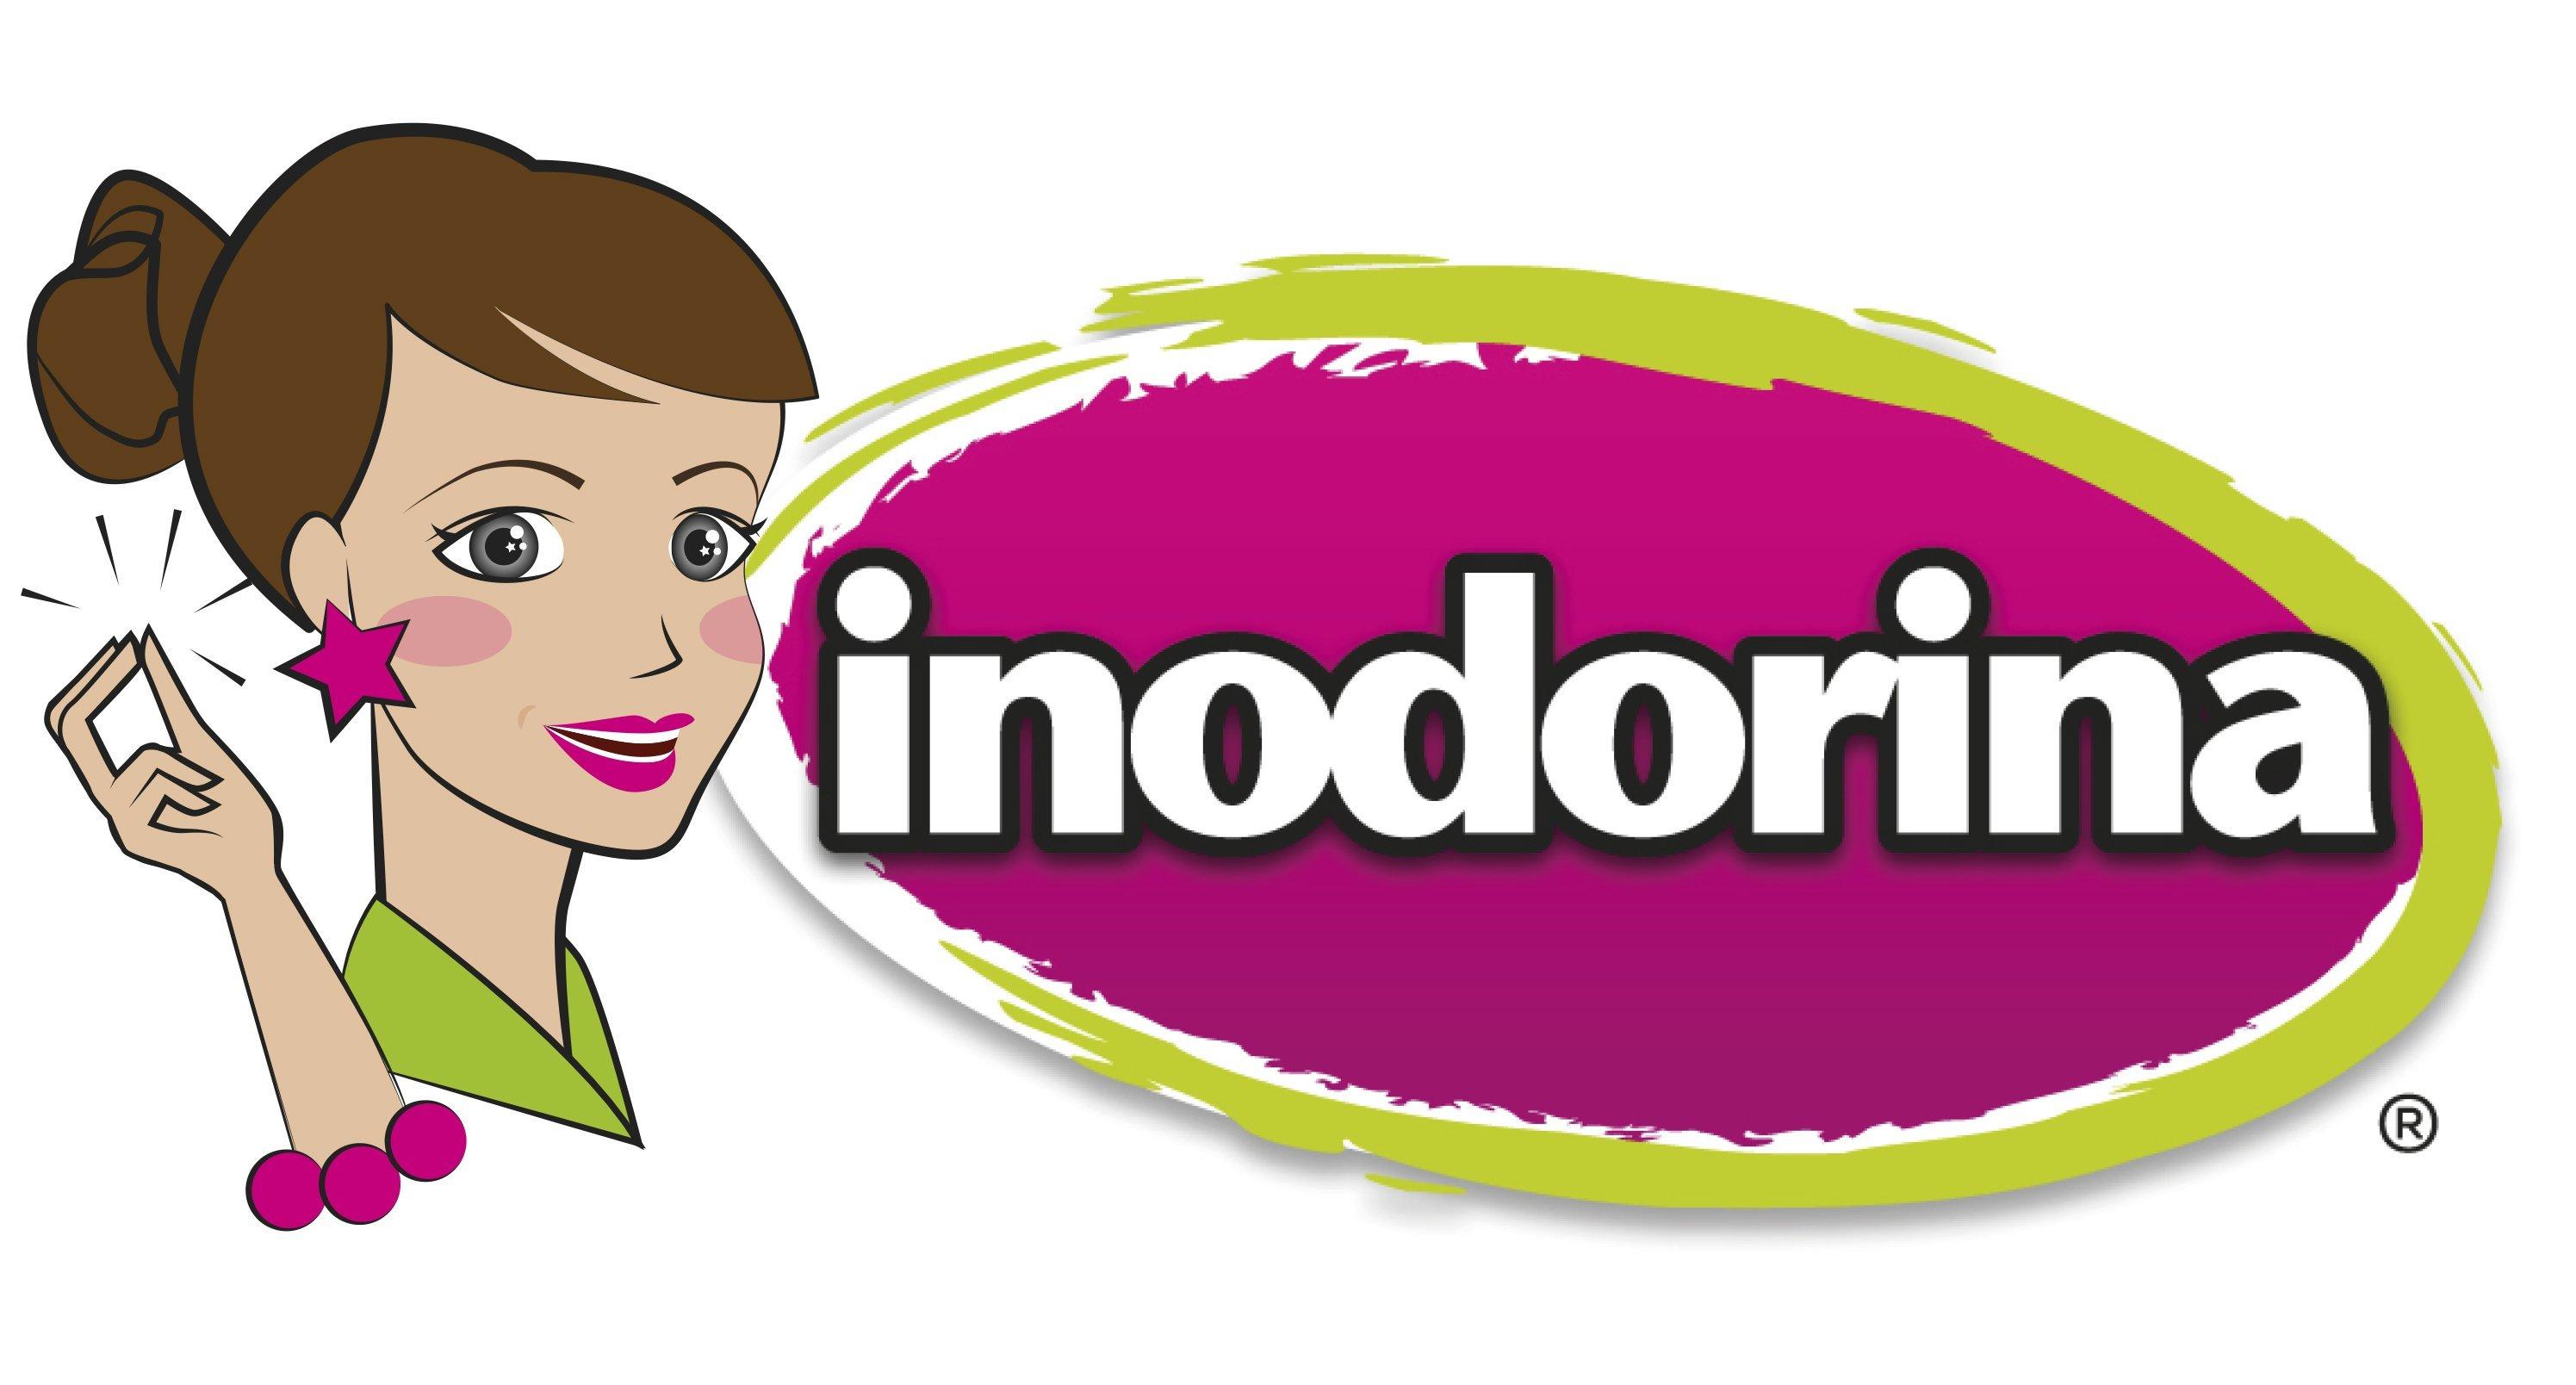 Logo Inodorina